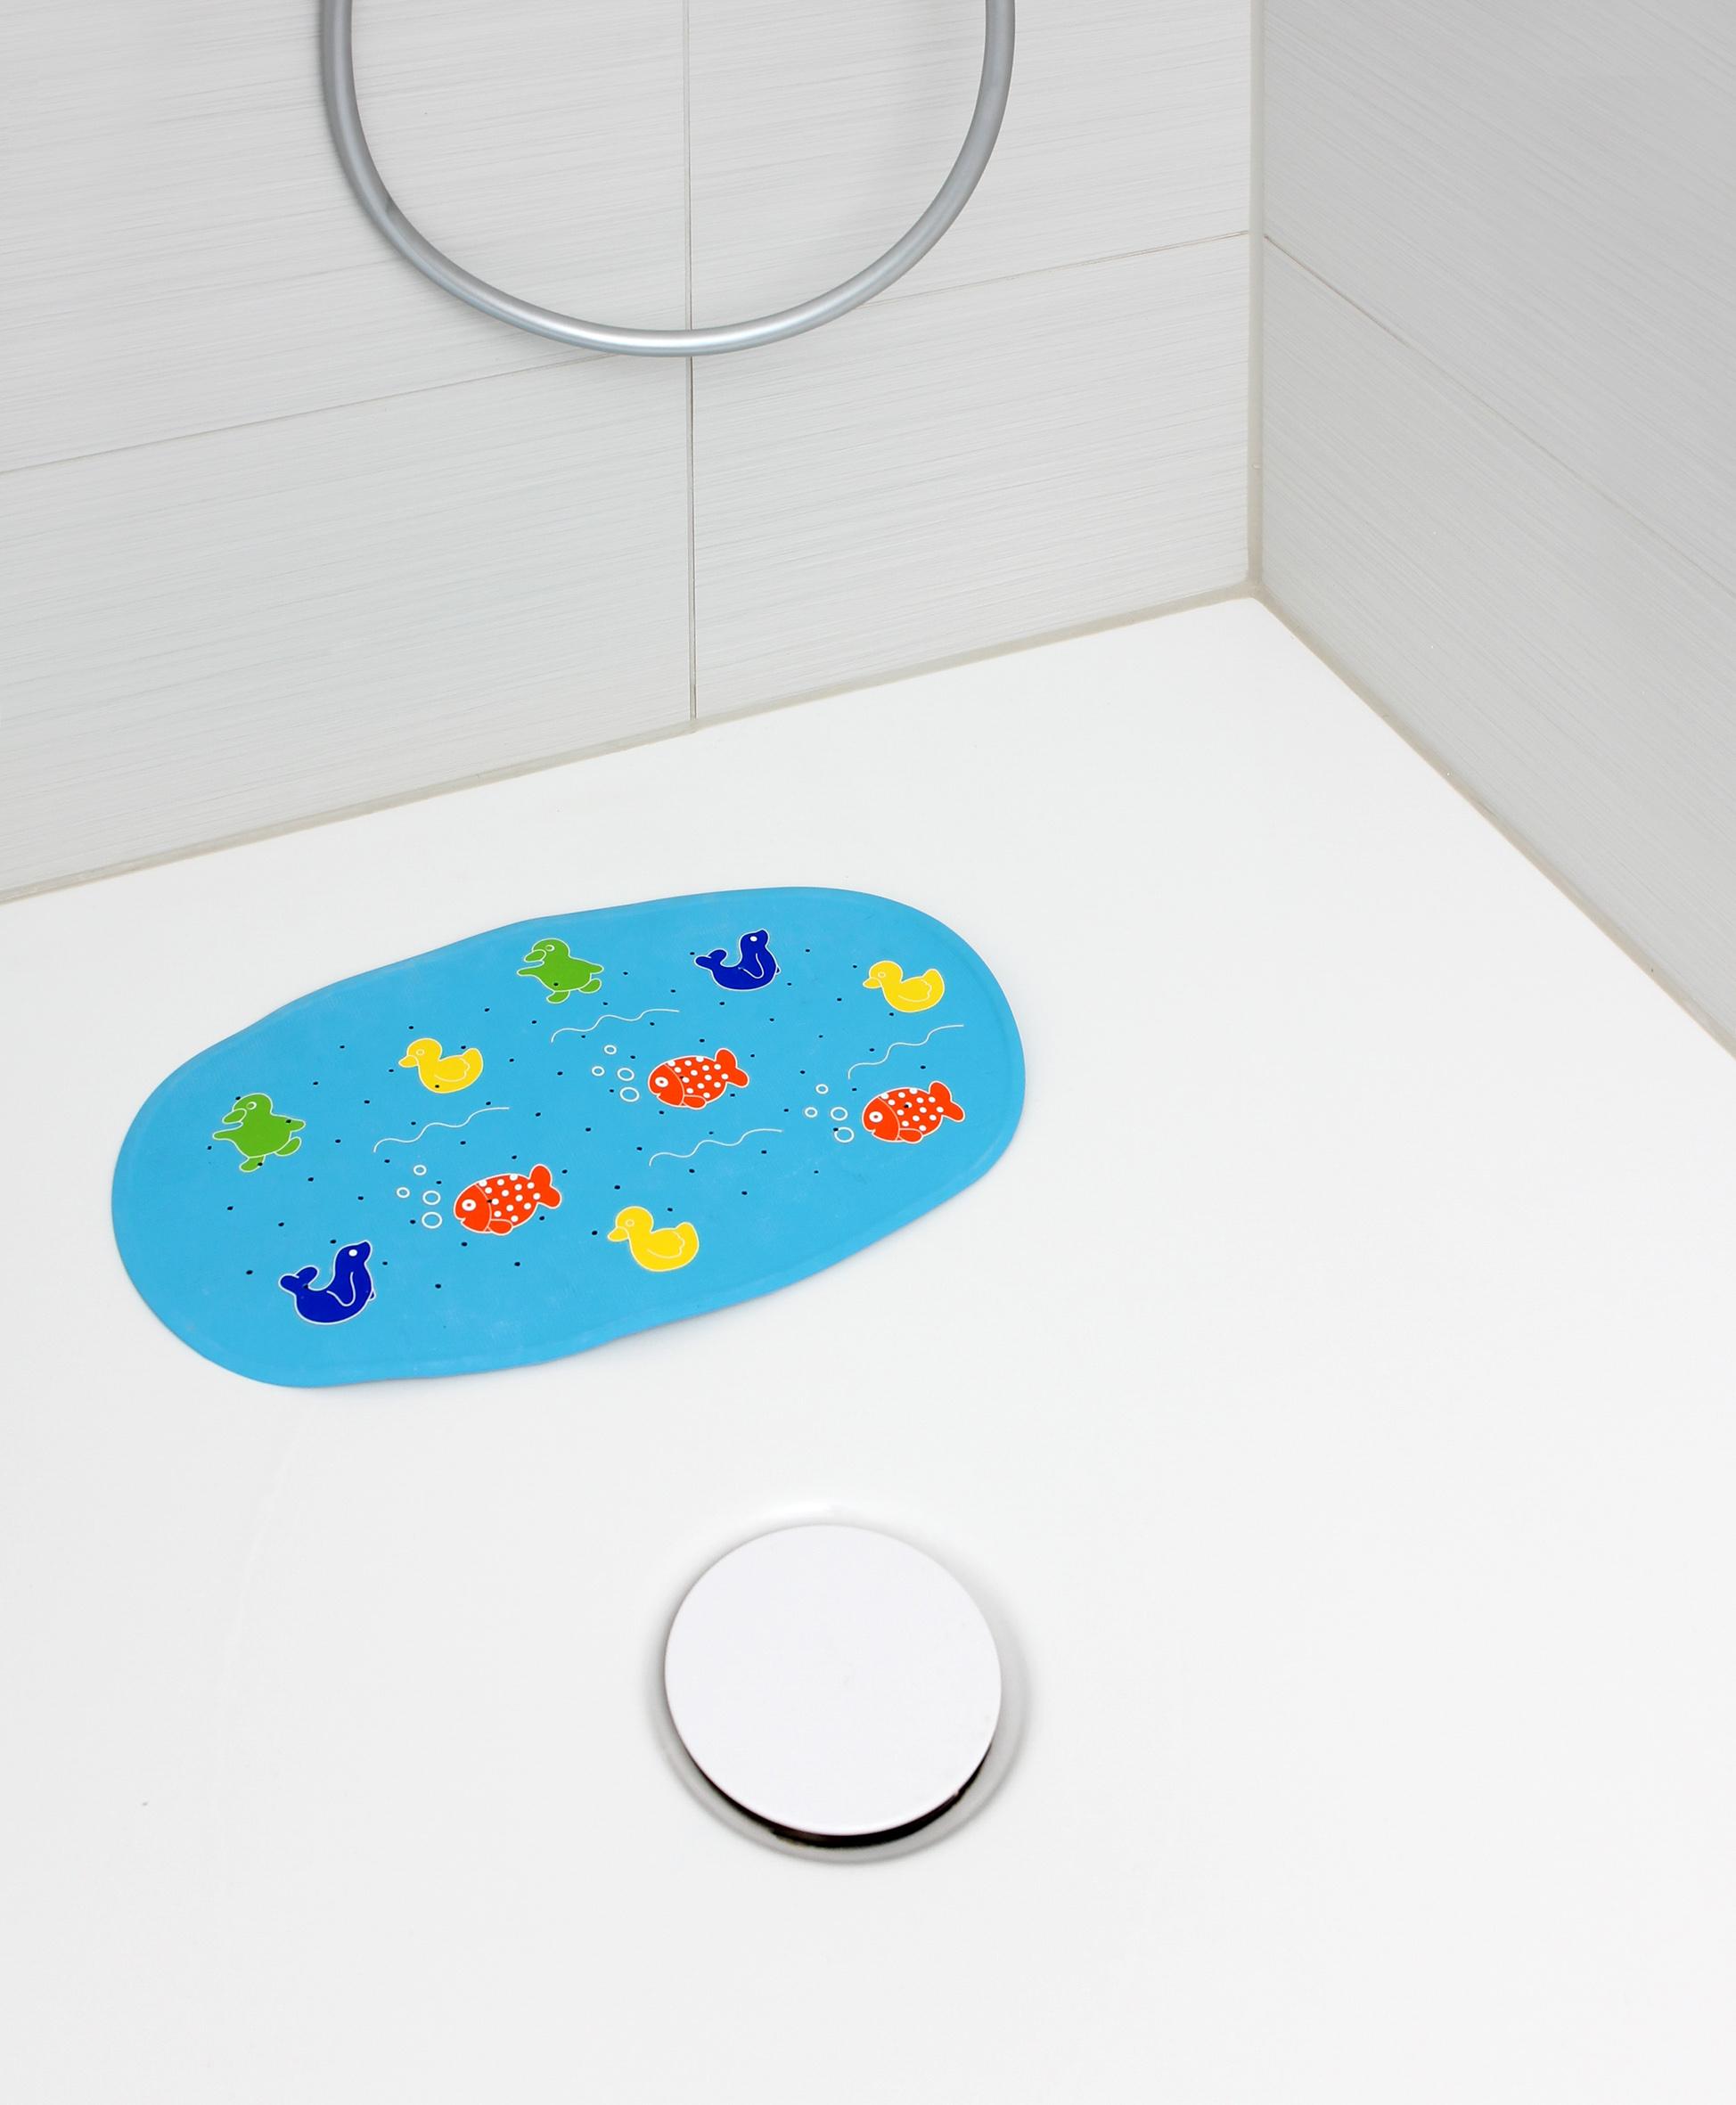 ... 7610 Badewannenmatte Produkt 2 300dpi n ·  7610 antirutsch-Badewannenmatte mood 01 300dpi ·  7610 antirutsch-Badewannenmatte anwendung 03 300dpi ... 45b281d27c4b0